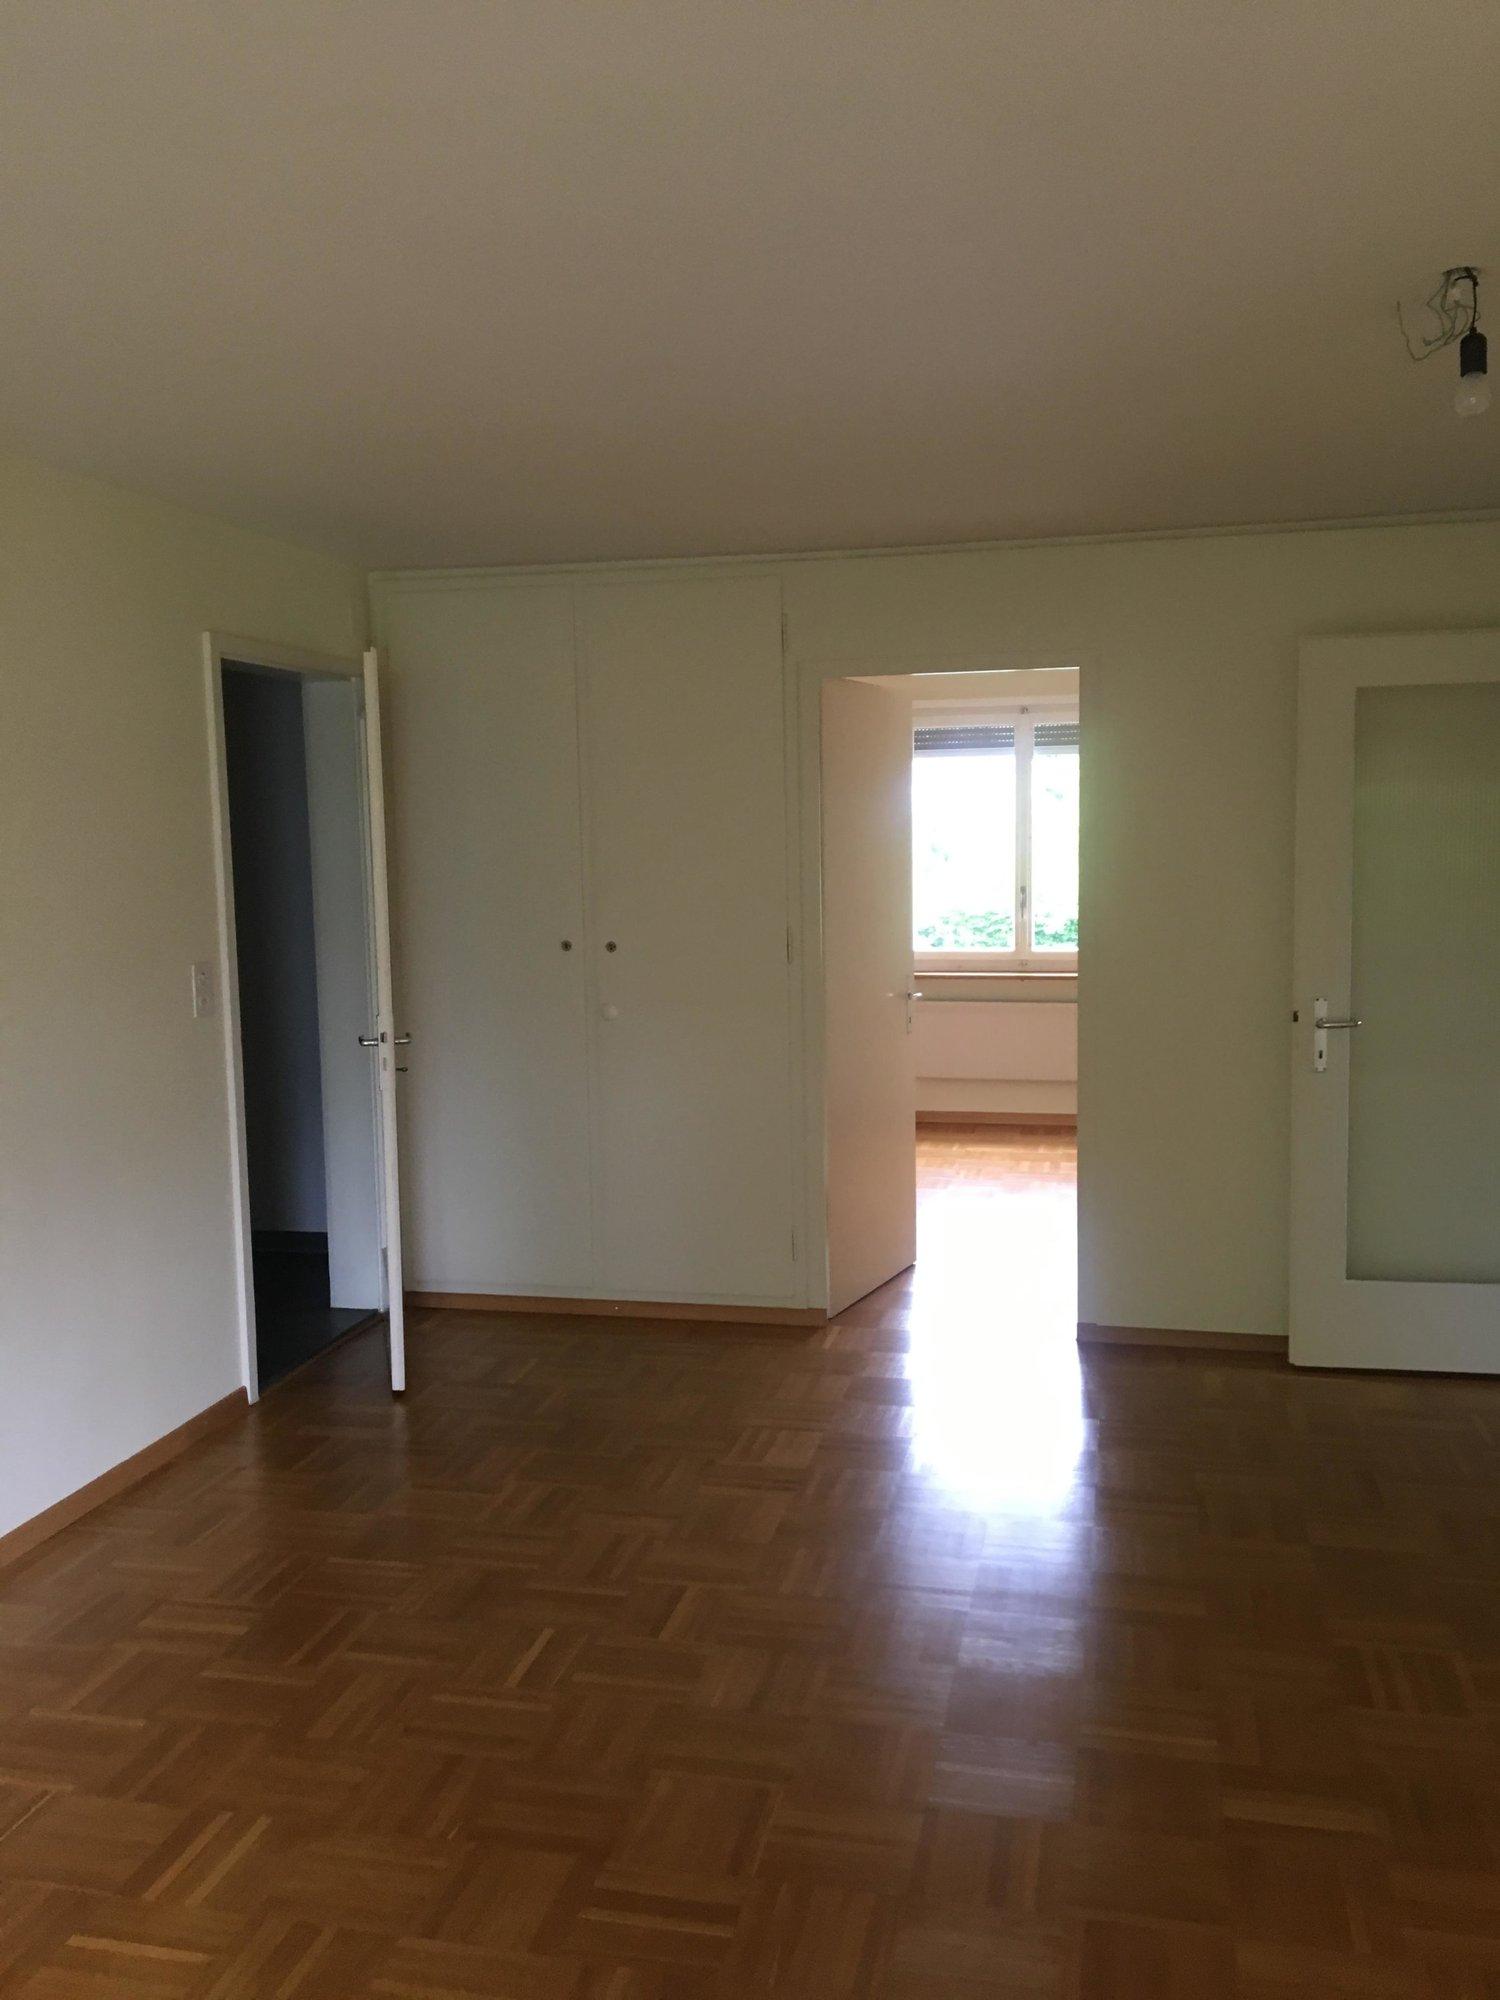 Rosenweg 32